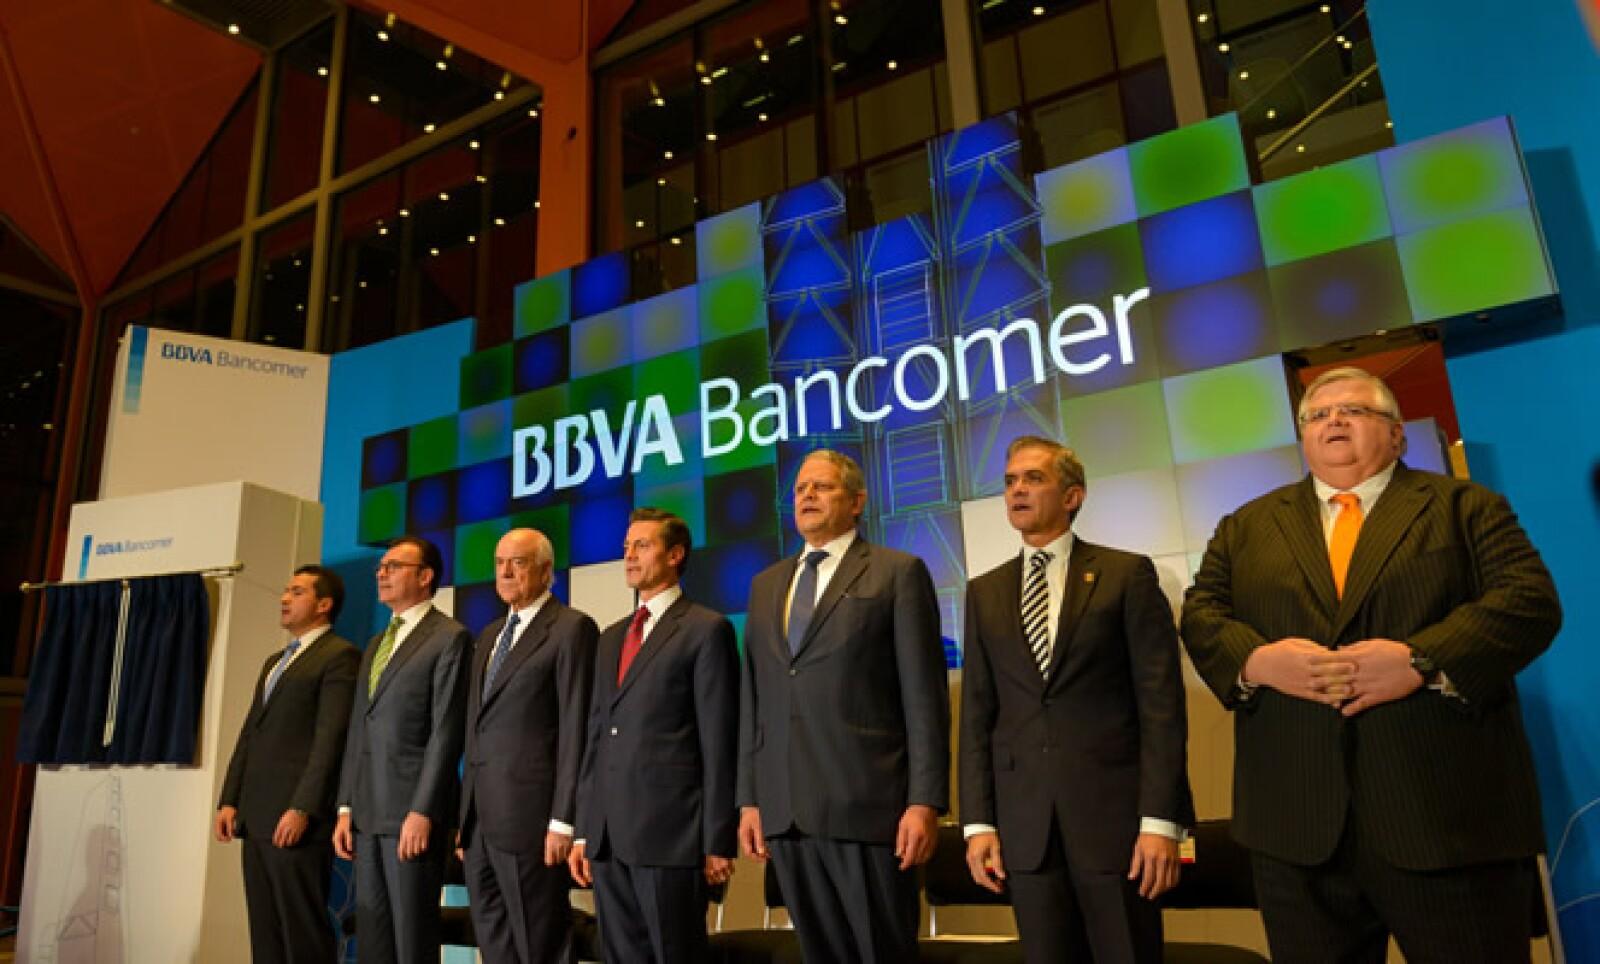 Al acto también asistieron el secretario de Hacienda y Crédito Público, Luis Videgaray, el gobernador del Banco de México, Agustín Carstens y el jefe de Gobierno de la Ciudad de México, Miguel Ángel Mancera.